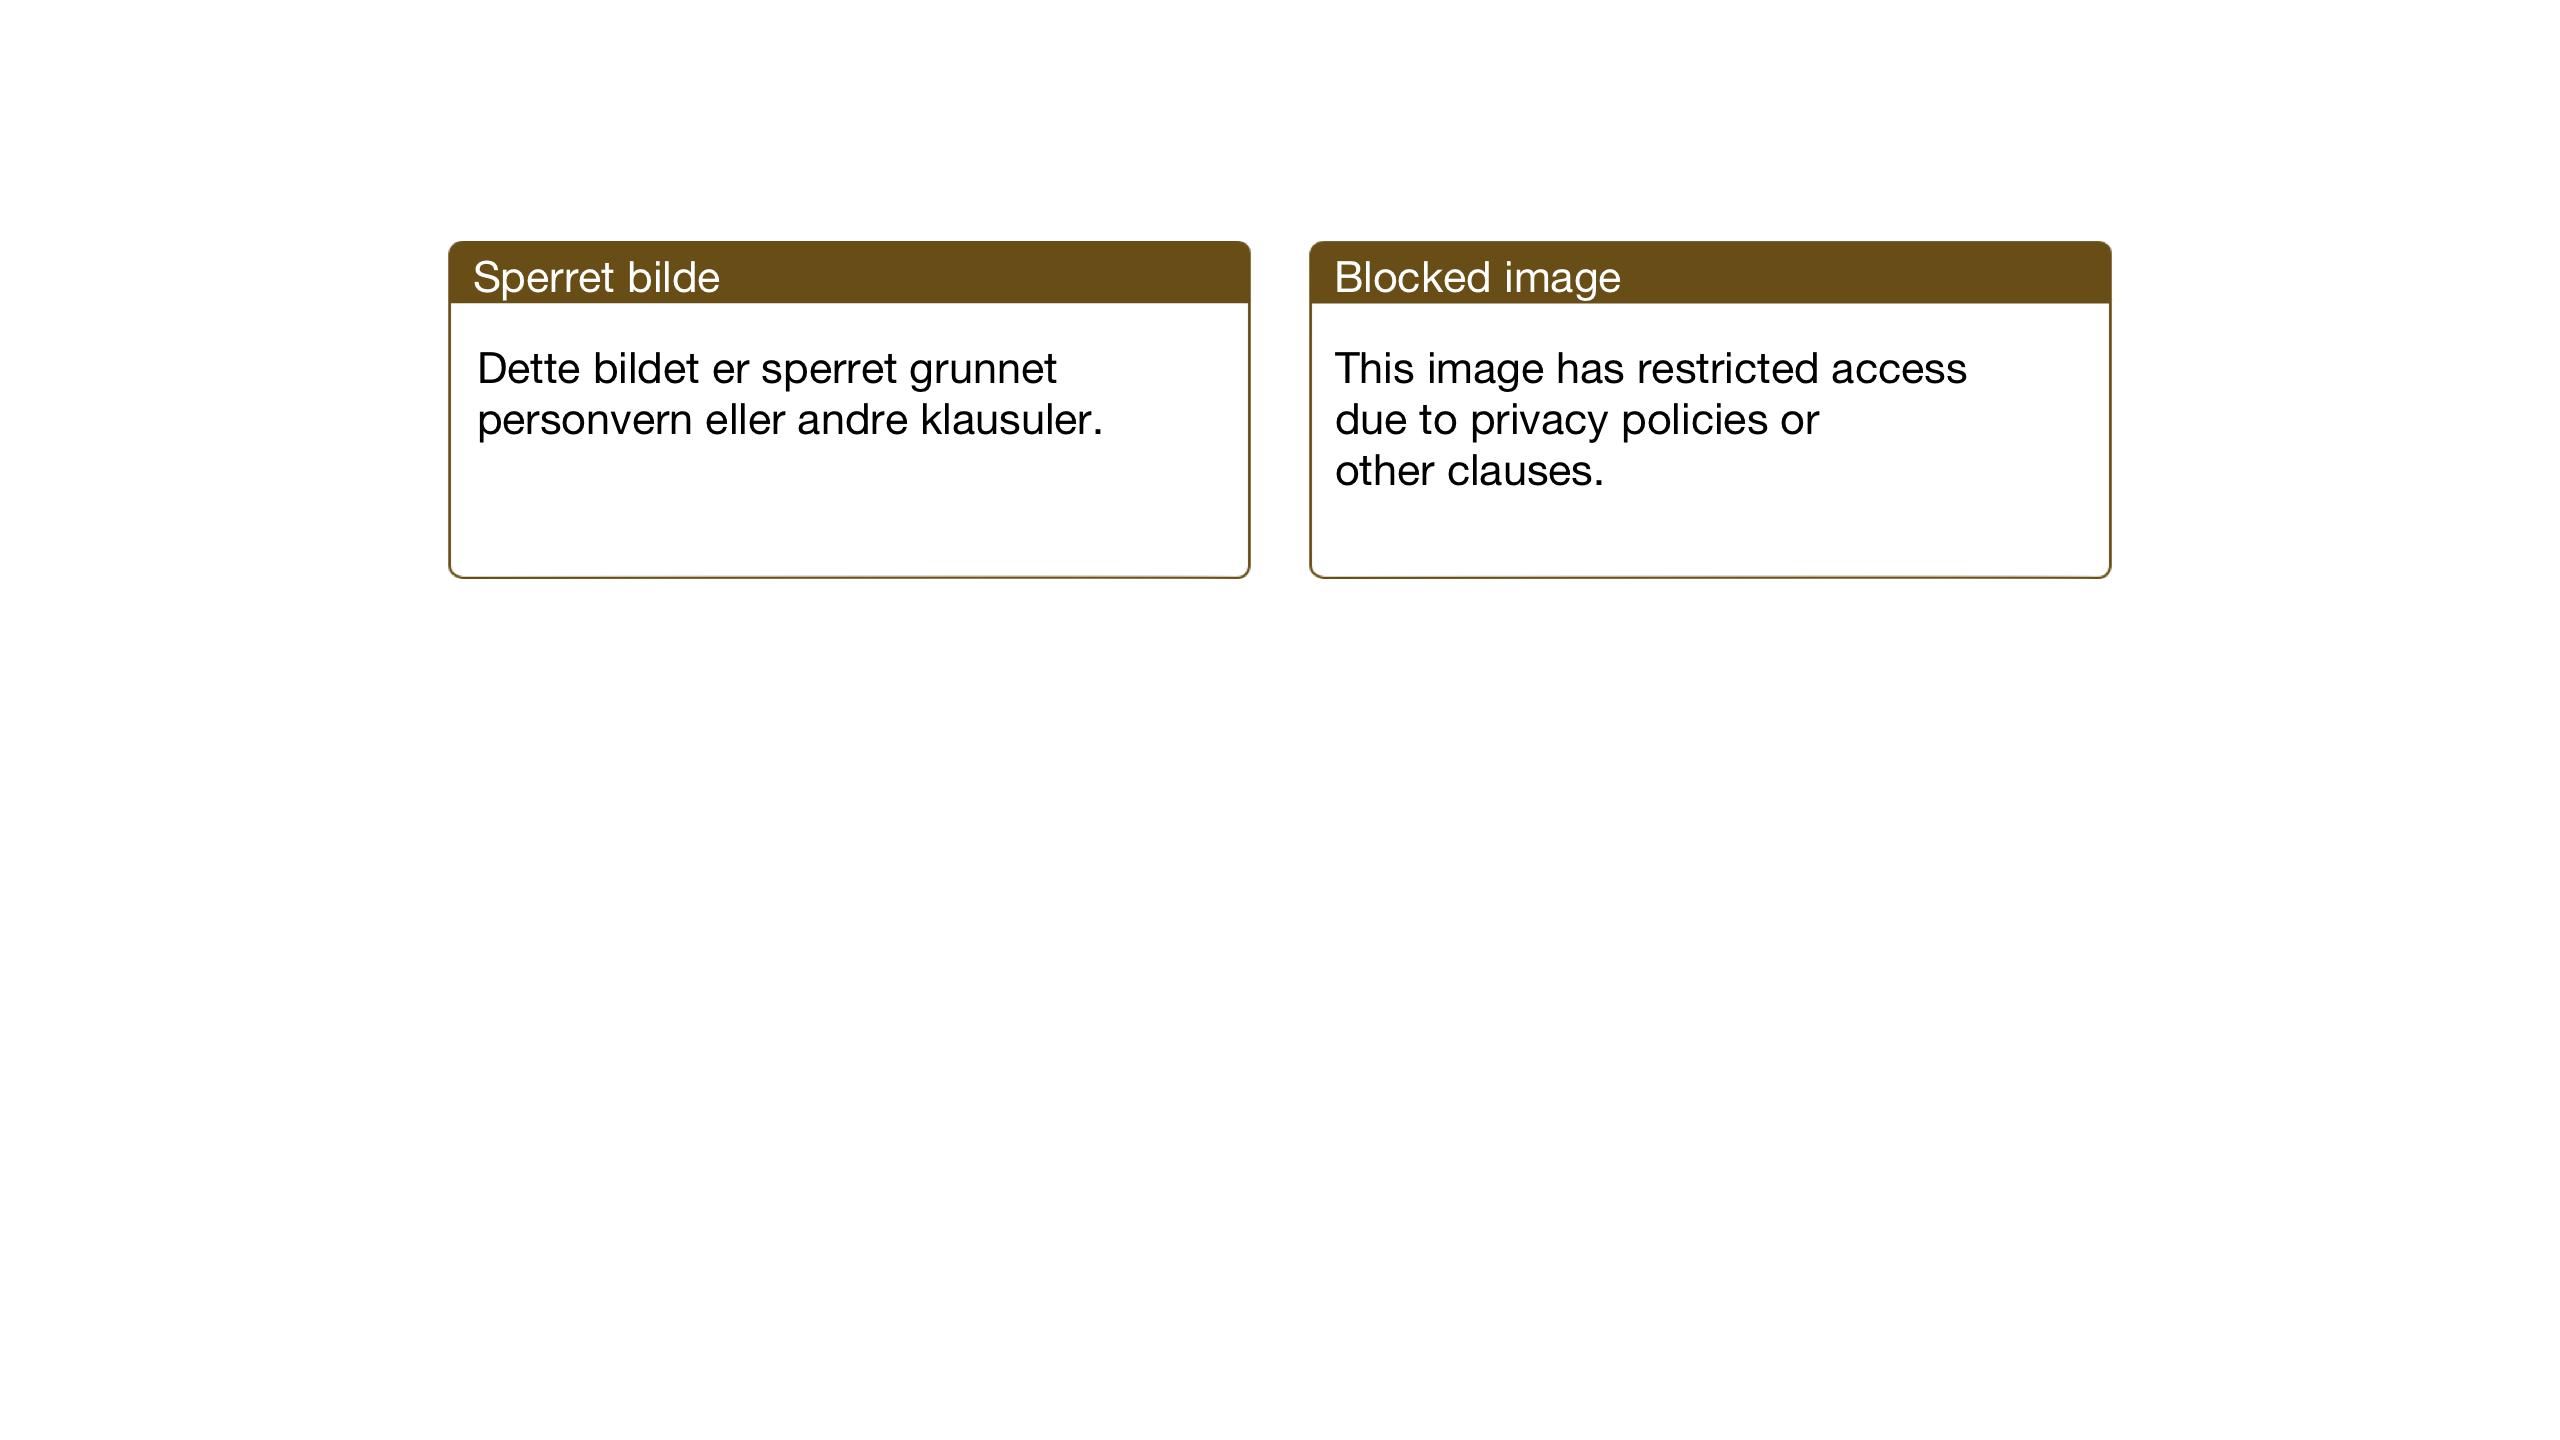 SAT, Ministerialprotokoller, klokkerbøker og fødselsregistre - Nord-Trøndelag, 780/L0654: Klokkerbok nr. 780C06, 1928-1942, s. 94